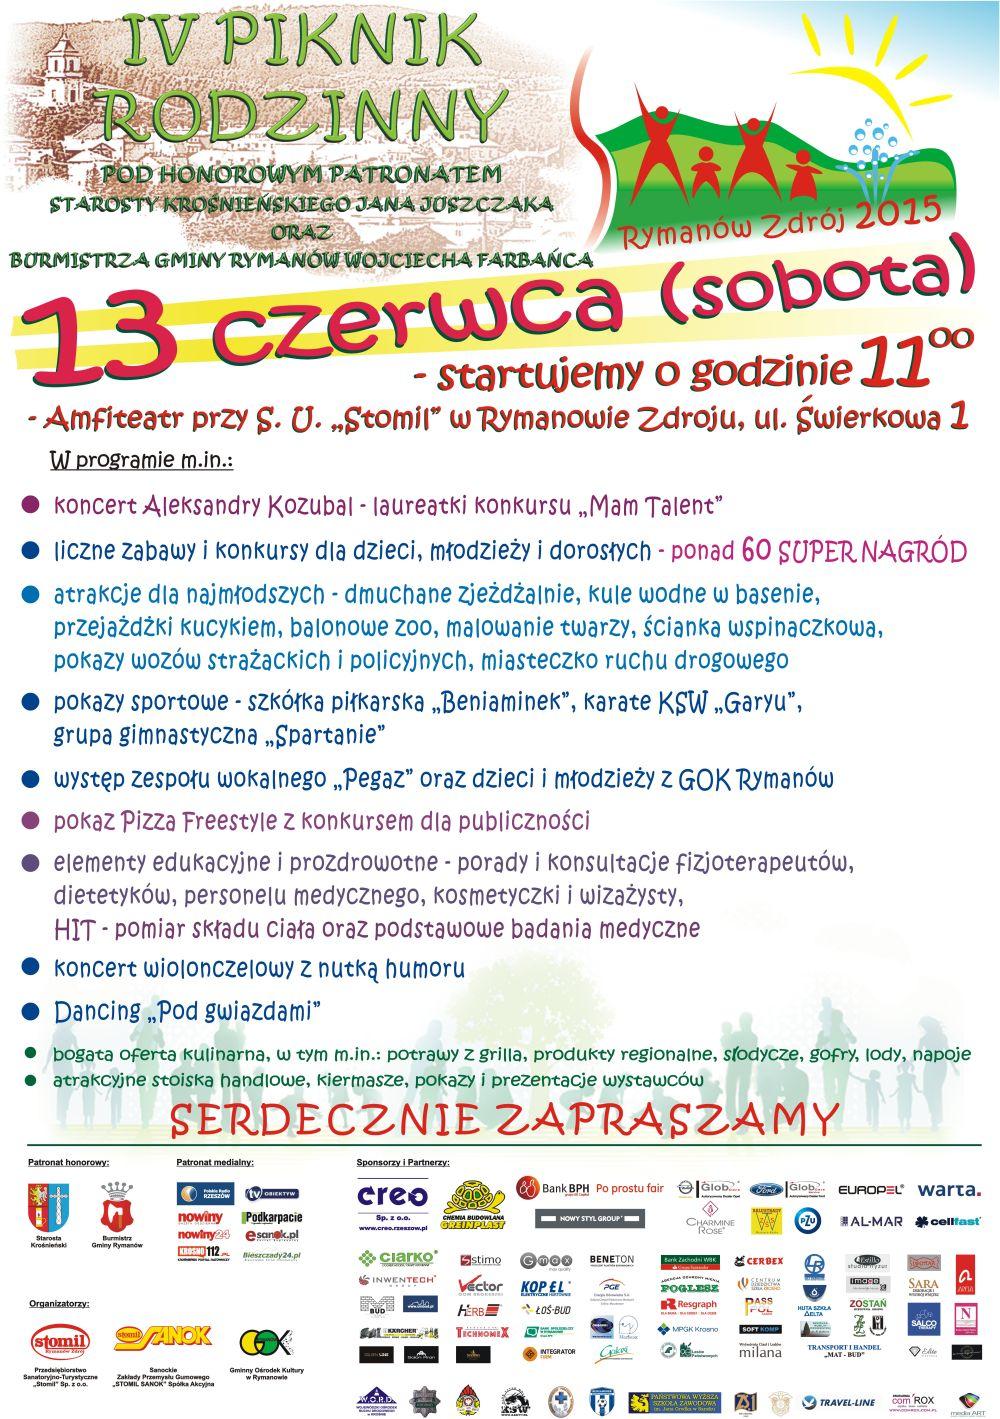 plakat_IV_piknik_rodzinny